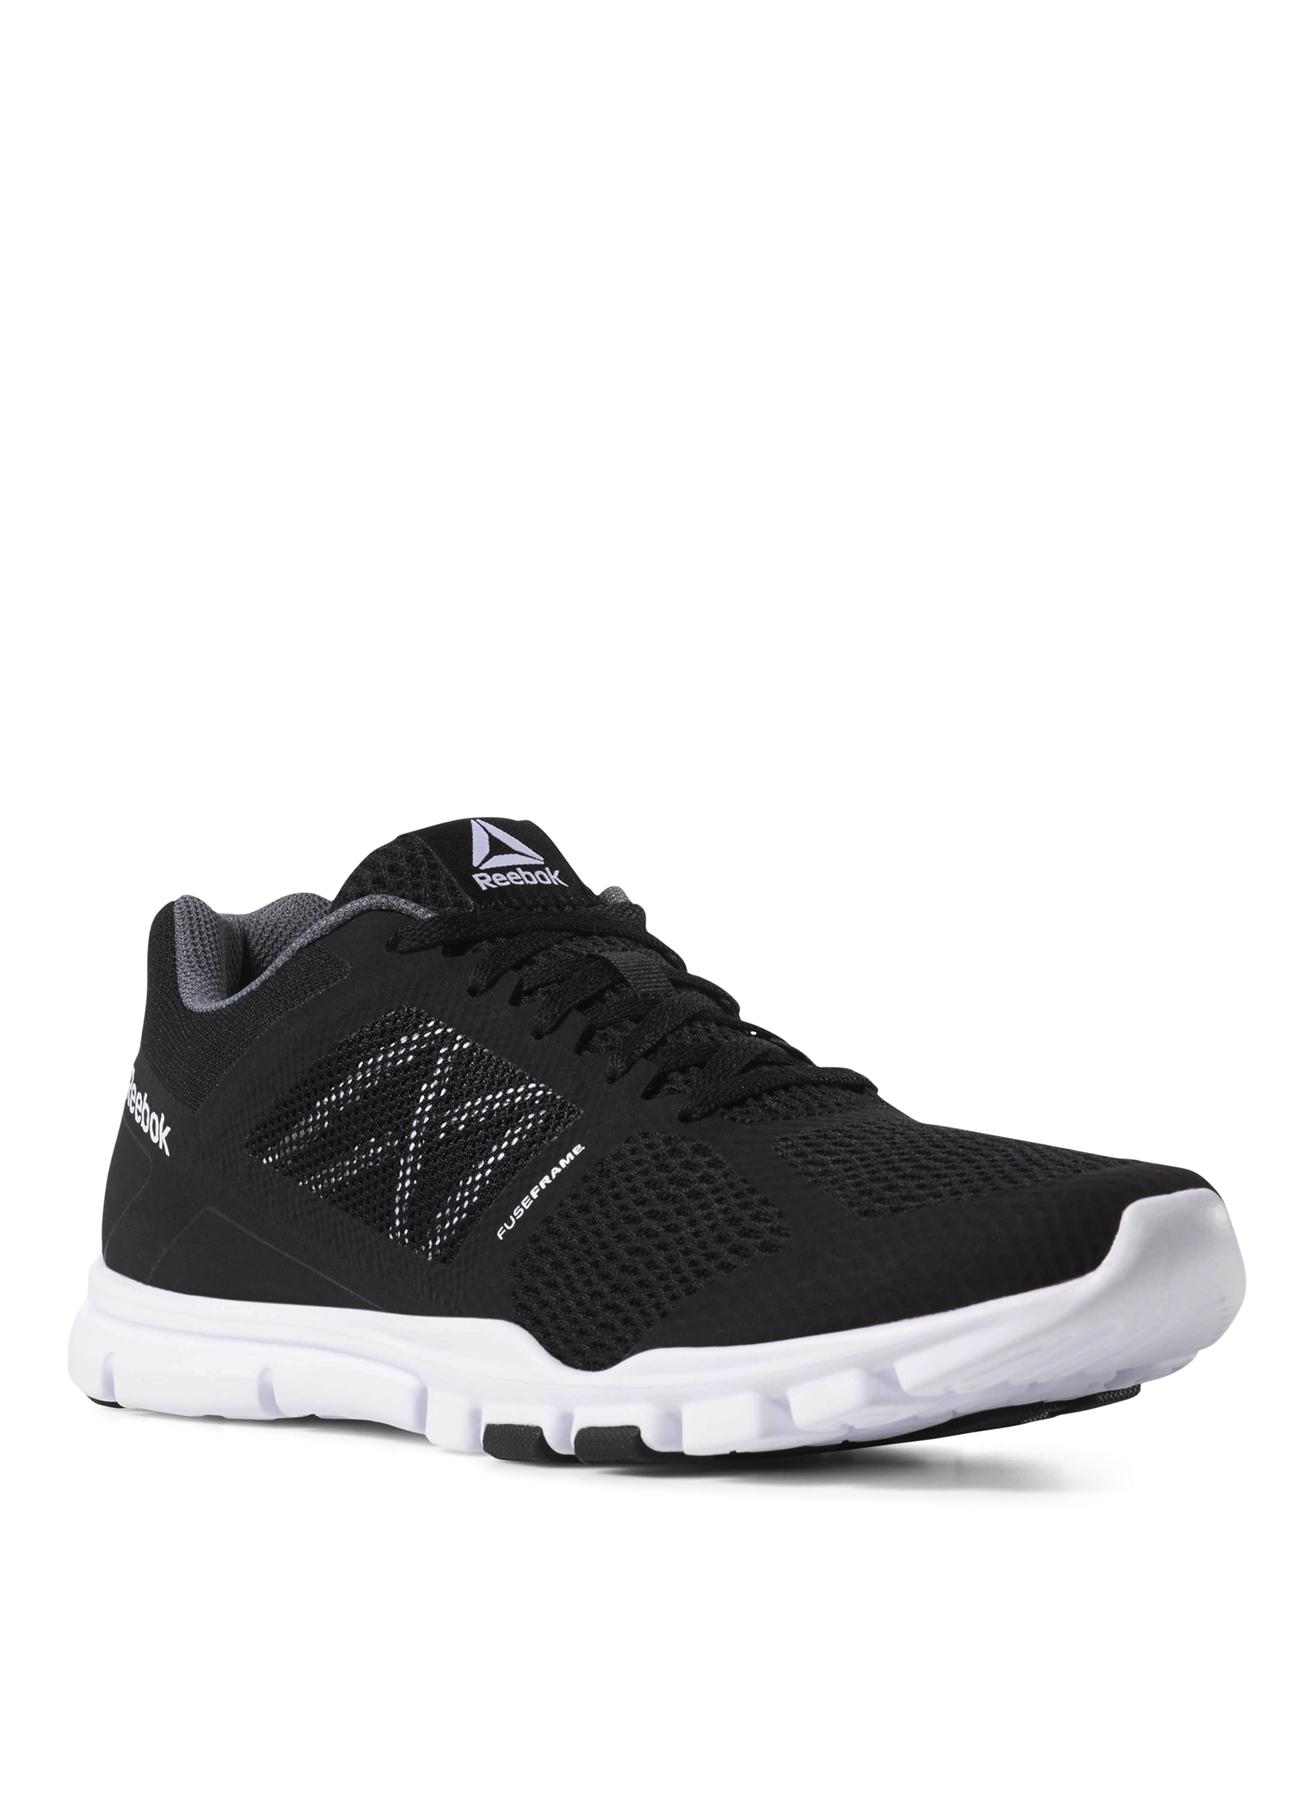 Reebok Training Ayakkabısı 42 5002359801004 Ürün Resmi